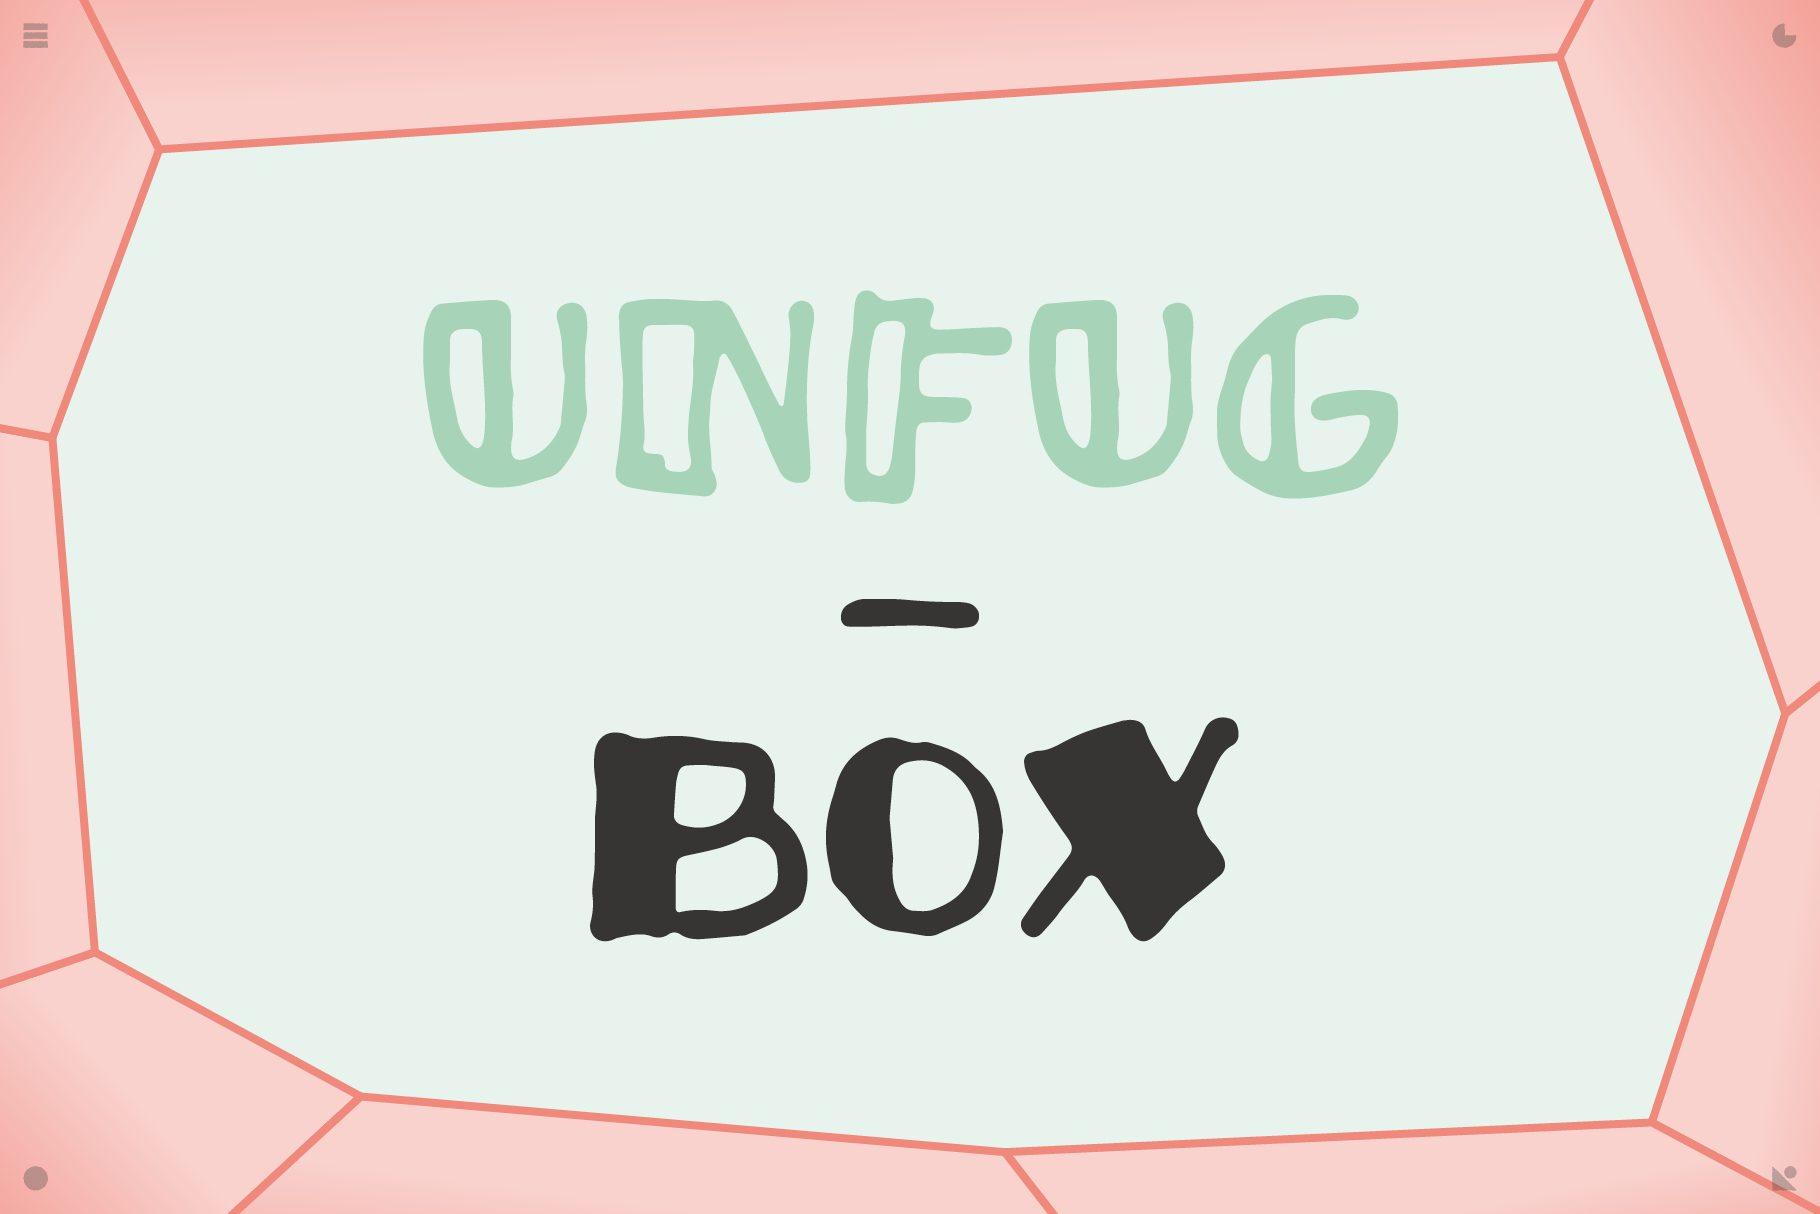 zumEgon_Fonts_Unfug-Box_01